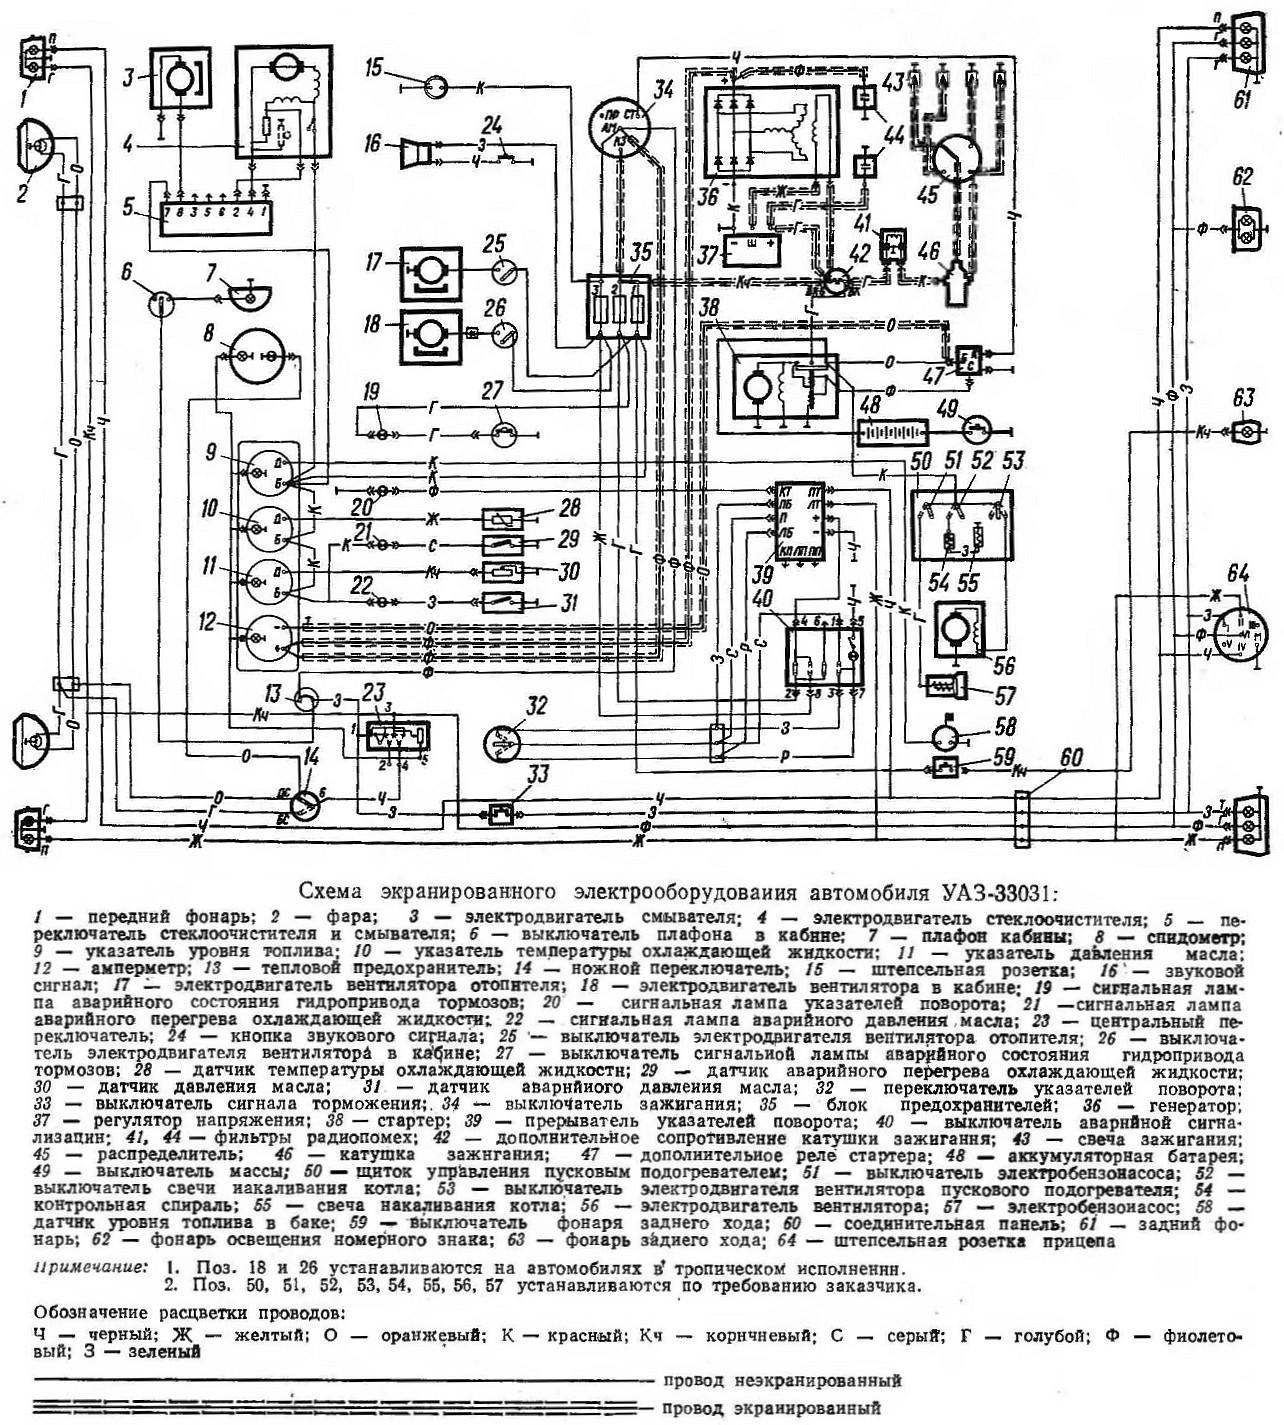 реле-регулятор рр-132а схема